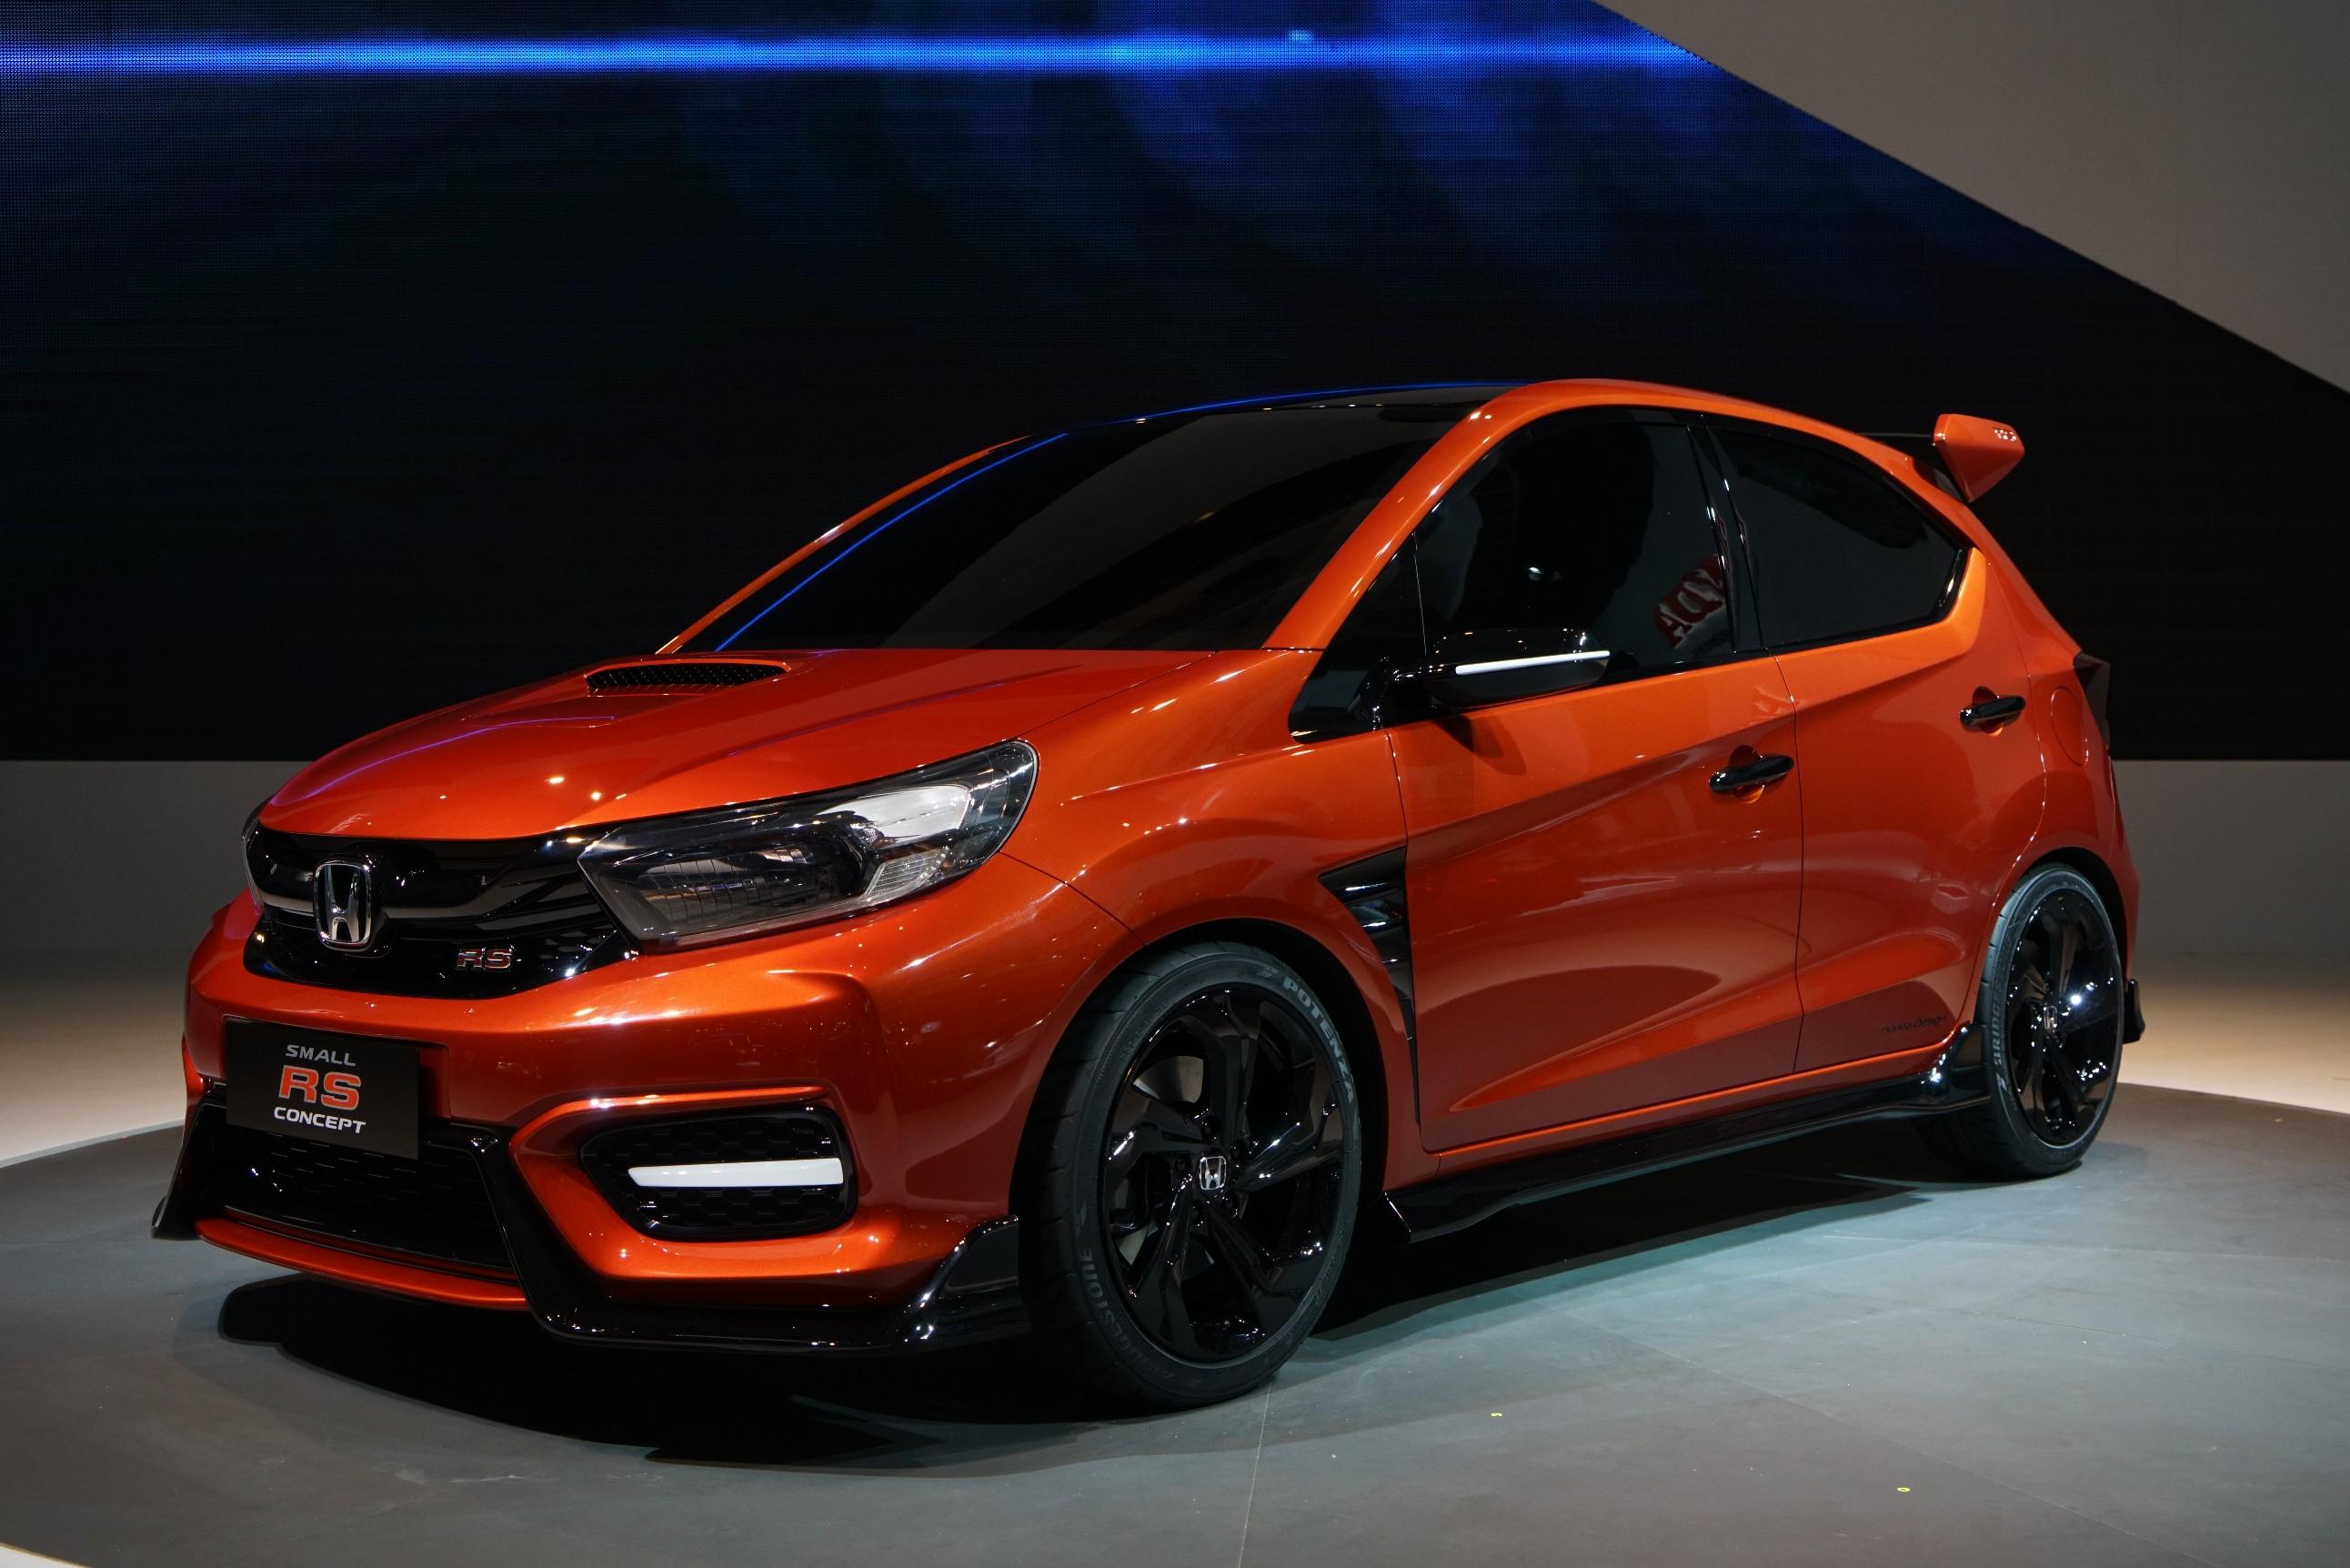 Minggu Depan Konsumen Sudah Bisa Test Drive Honda Brio Terbaru